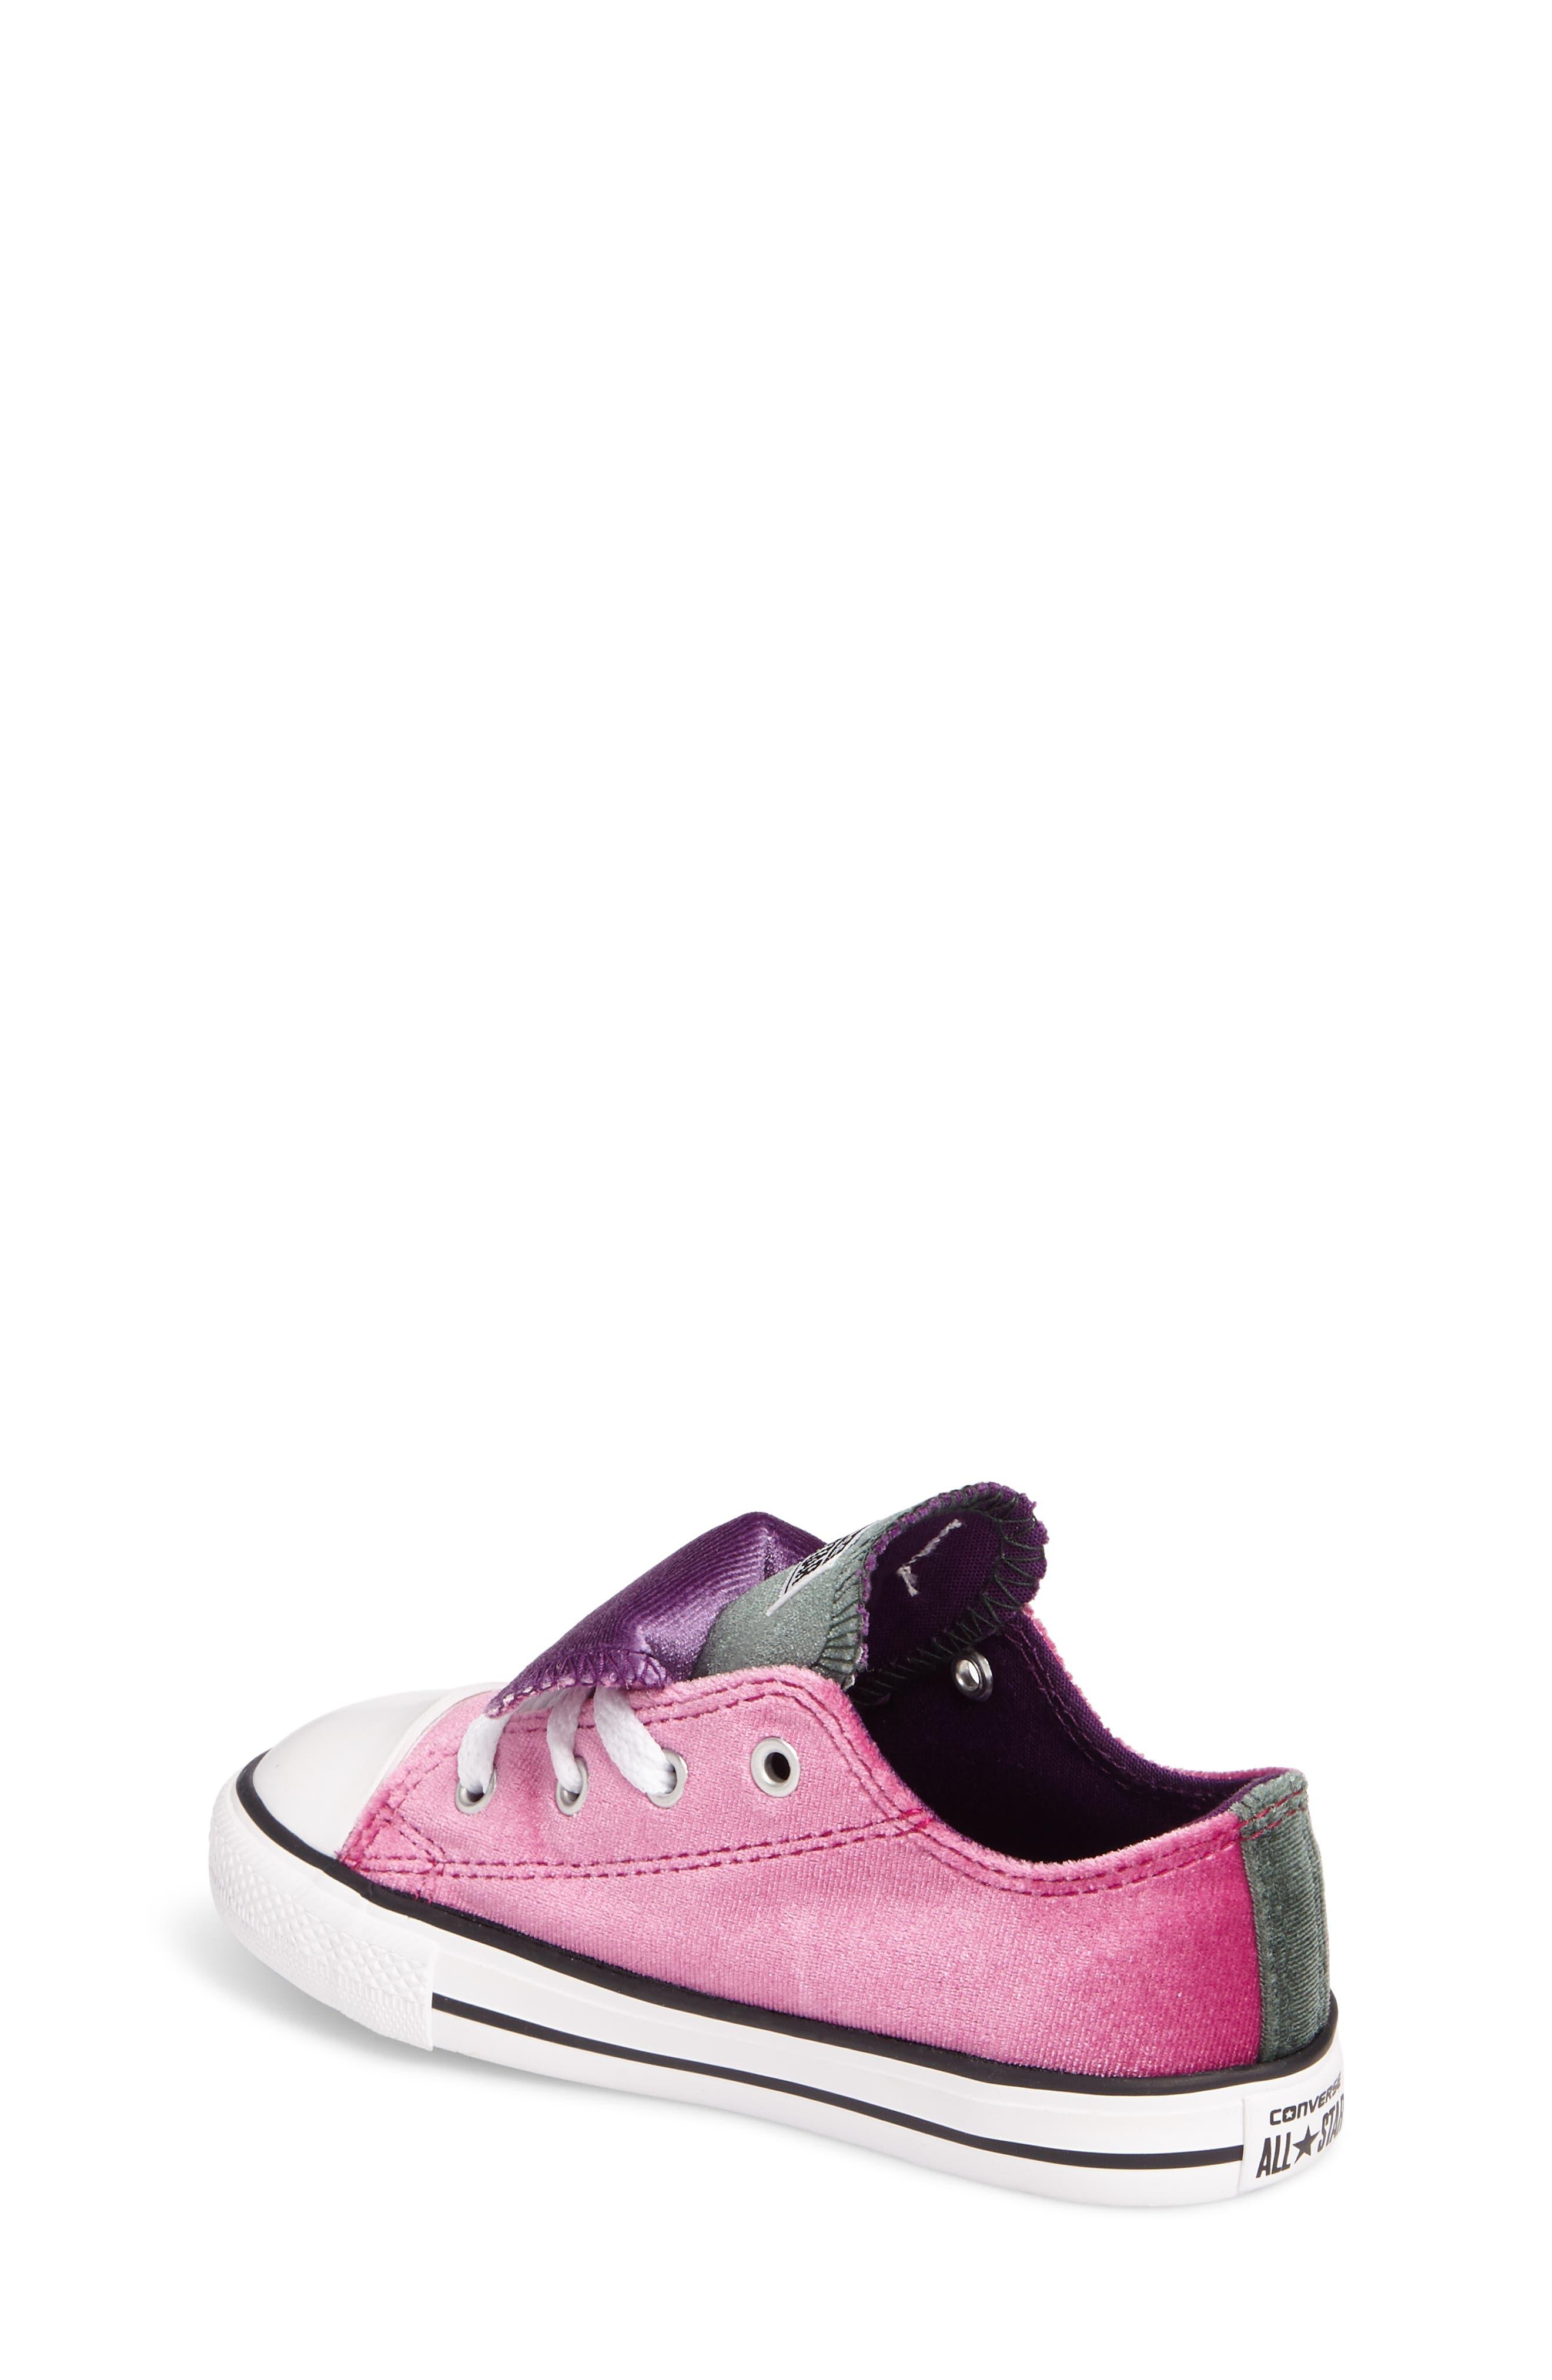 Alternate Image 2  - Converse All Star® Velvet Double Tongue Sneaker (Baby, Walker & Toddler)